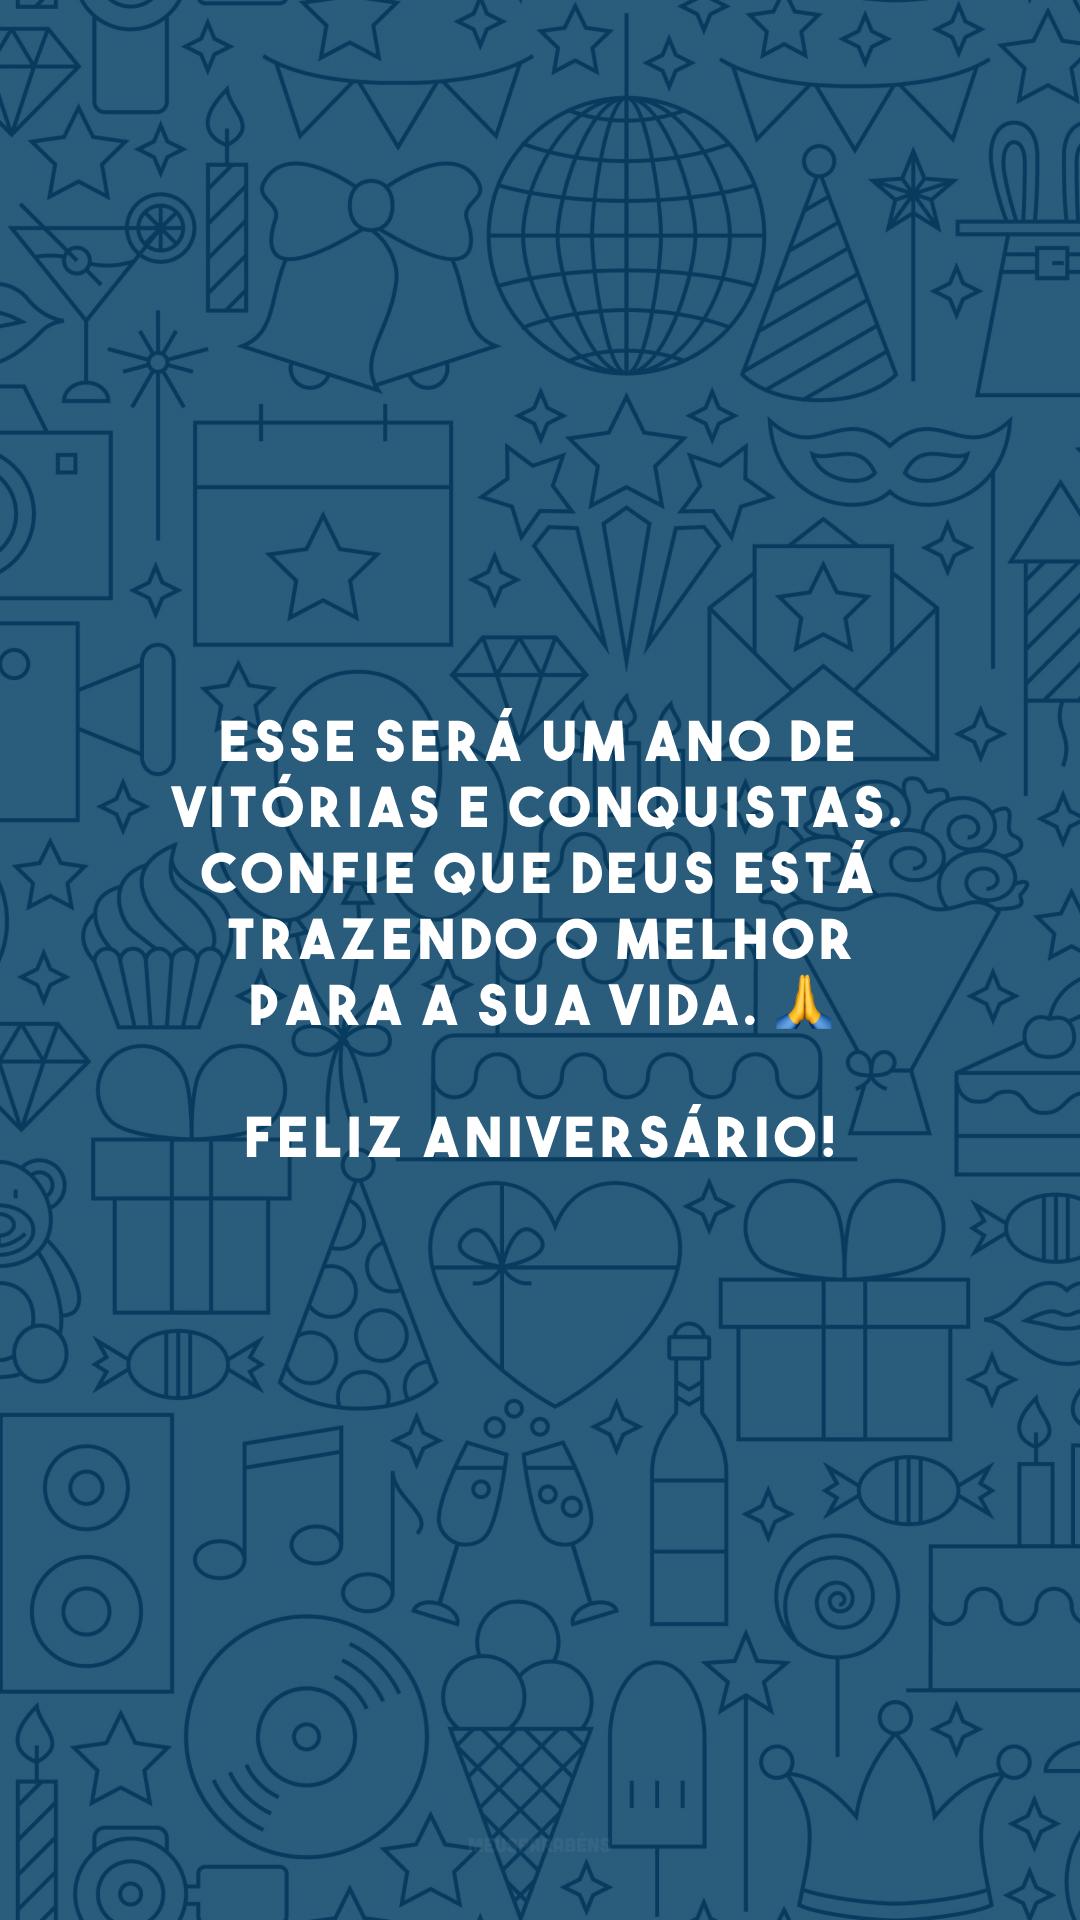 Esse será um ano de vitórias e conquistas. Confie que Deus está trazendo o melhor para a sua vida. 🙏 Feliz aniversário!